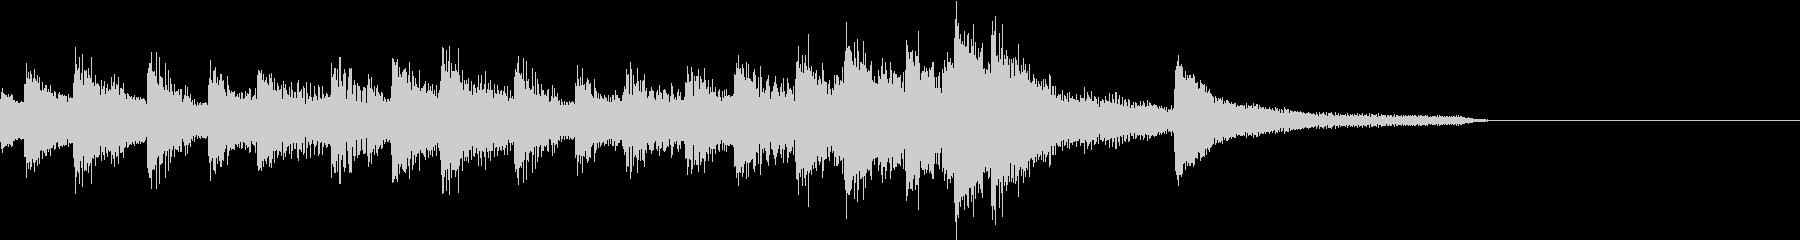 コードメインの4分の5拍子ピアノジングルの未再生の波形